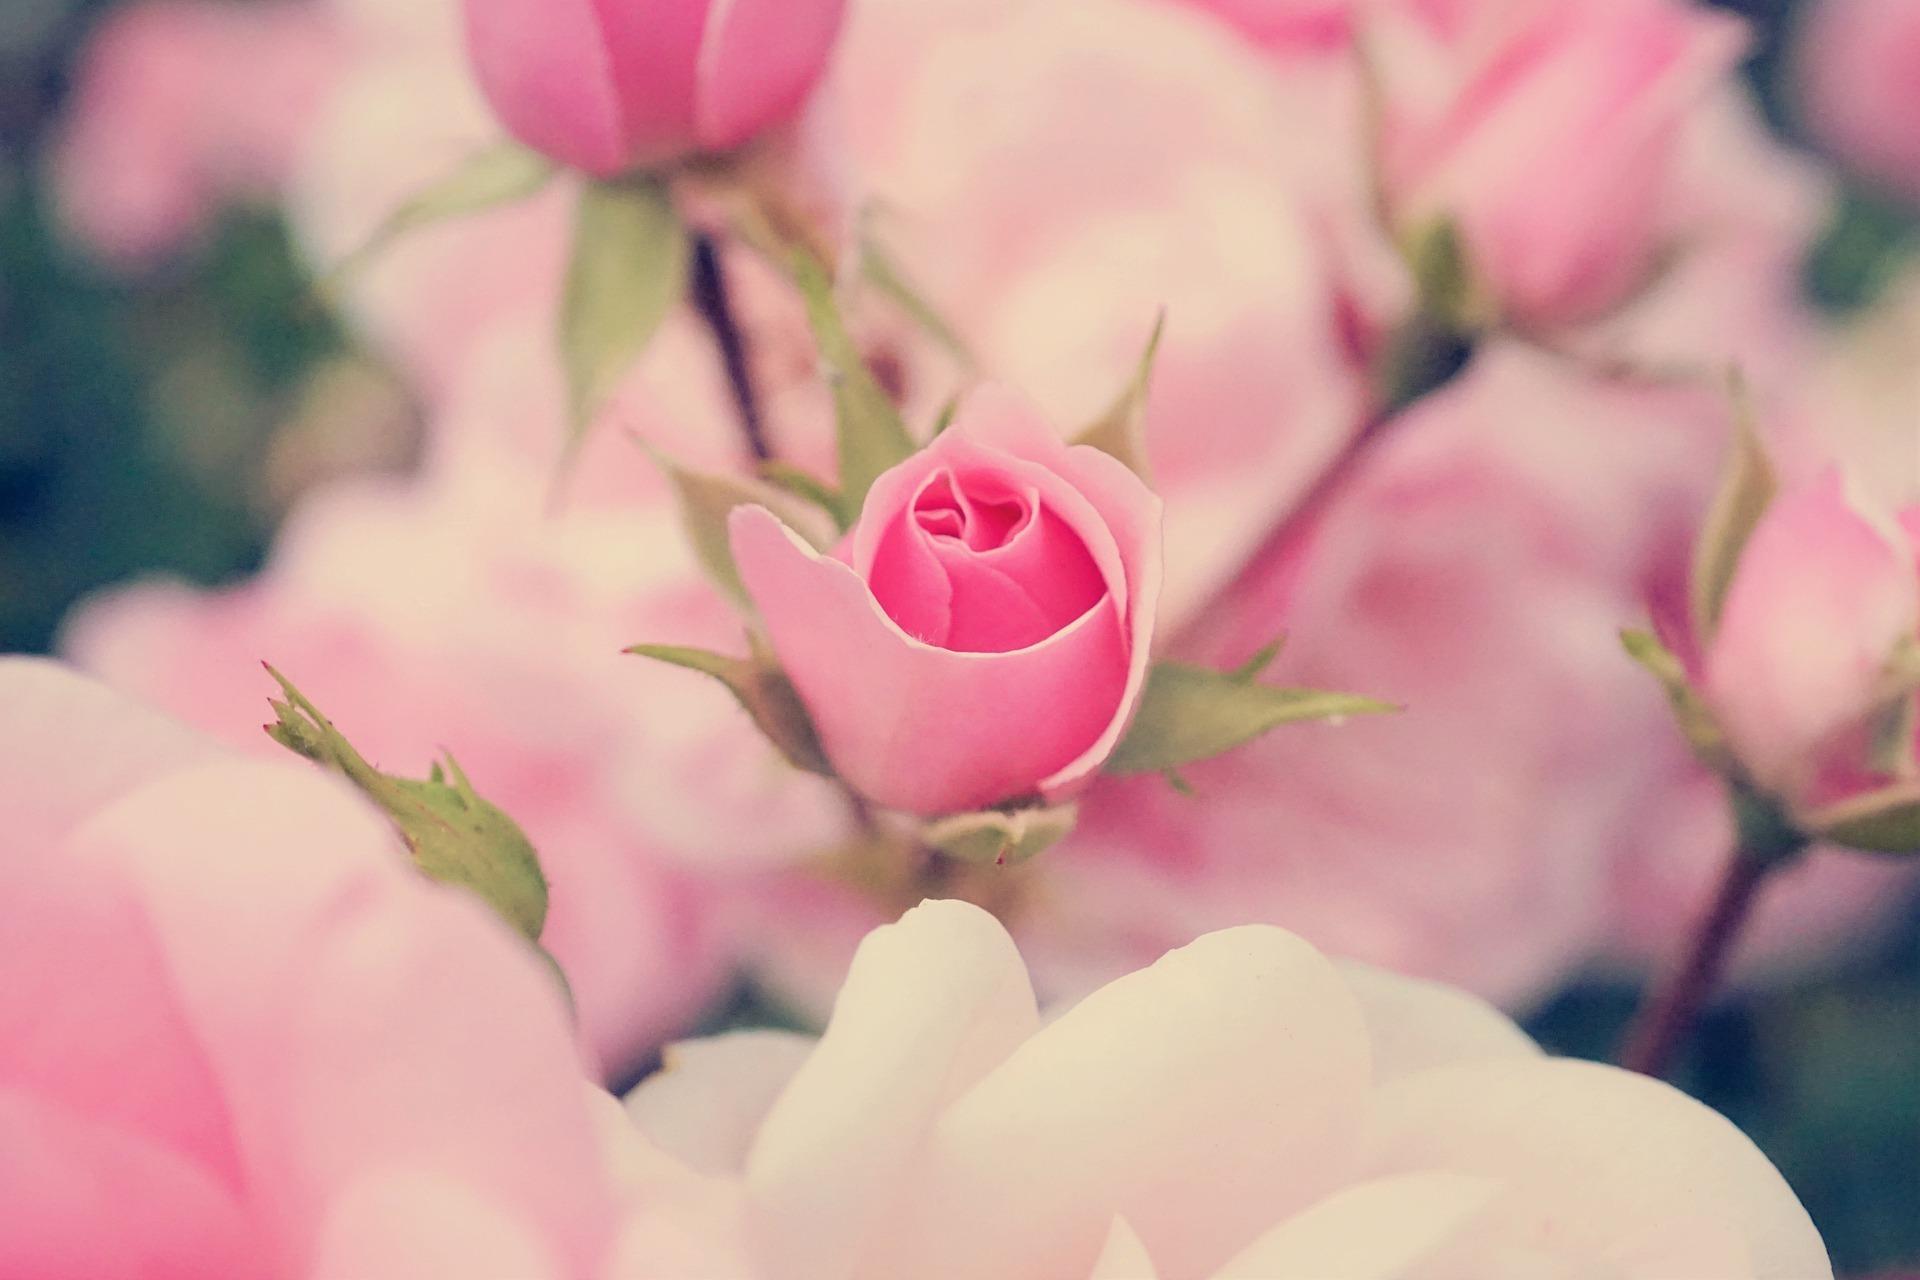 rose-5255938_1920